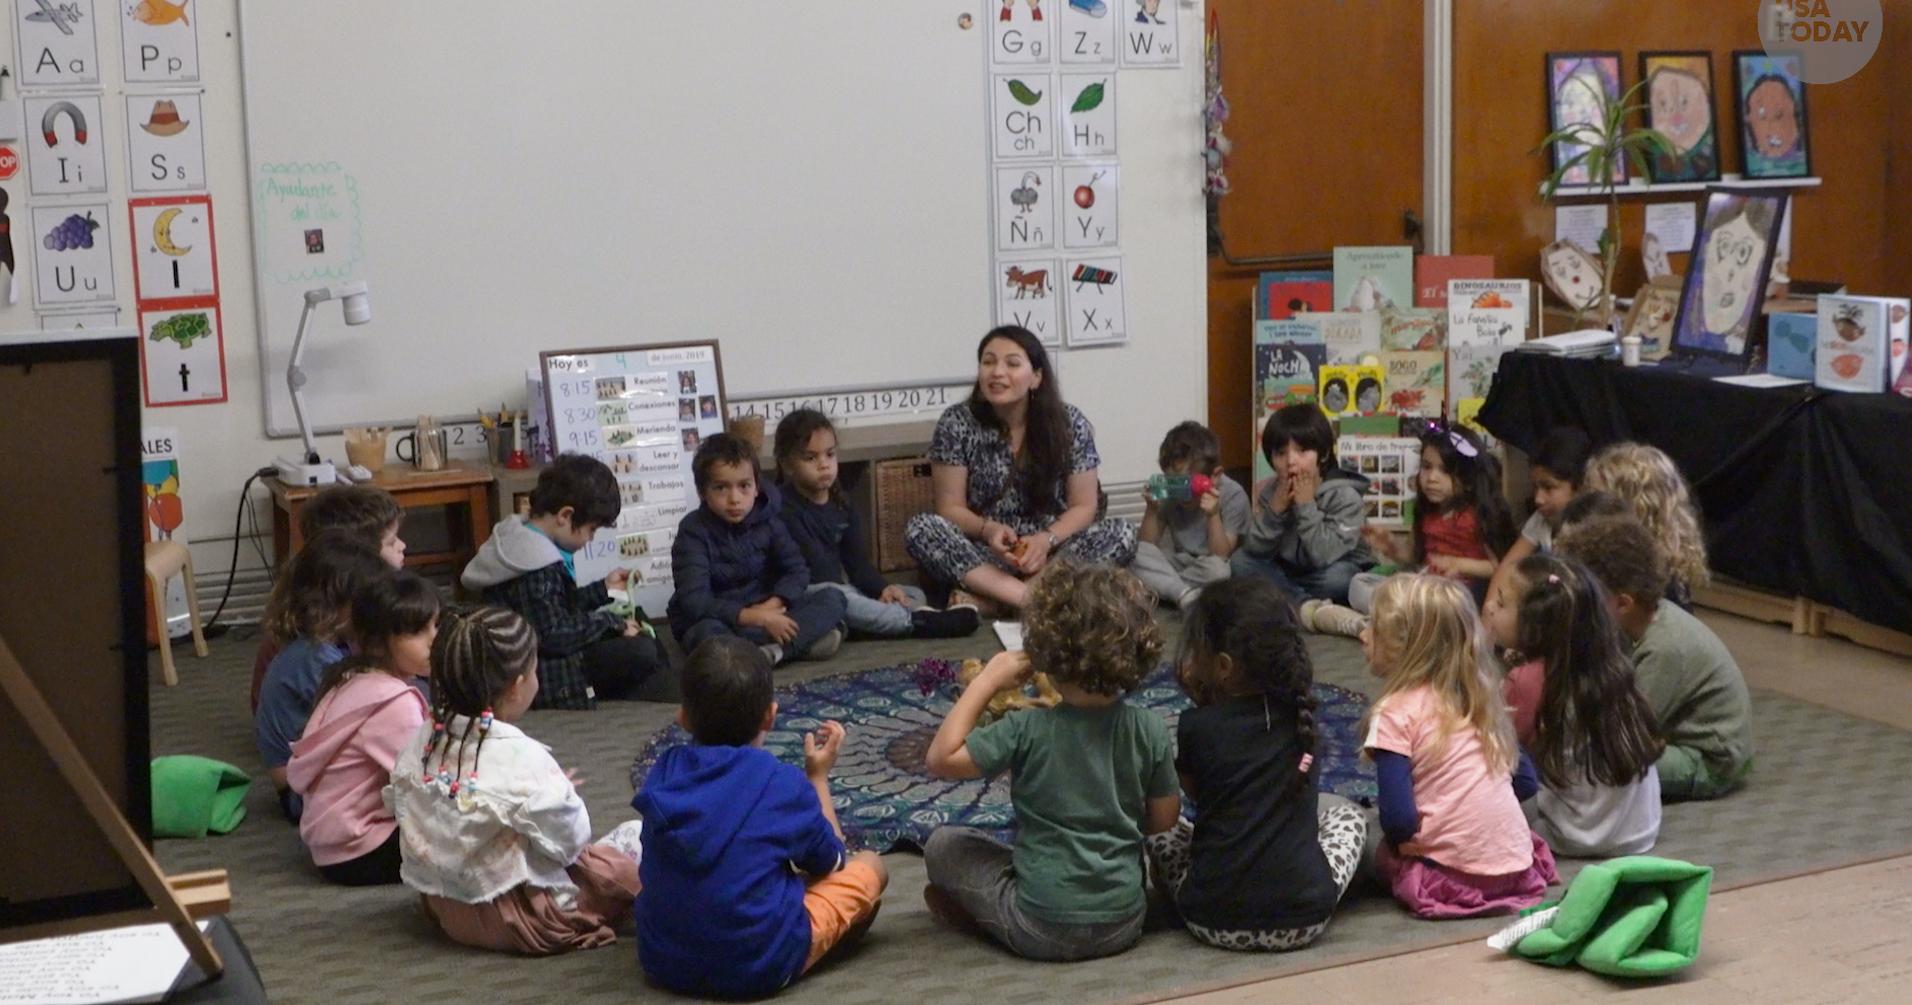 Practican la educación bilingüe en las escuelas públicas en los EEUU